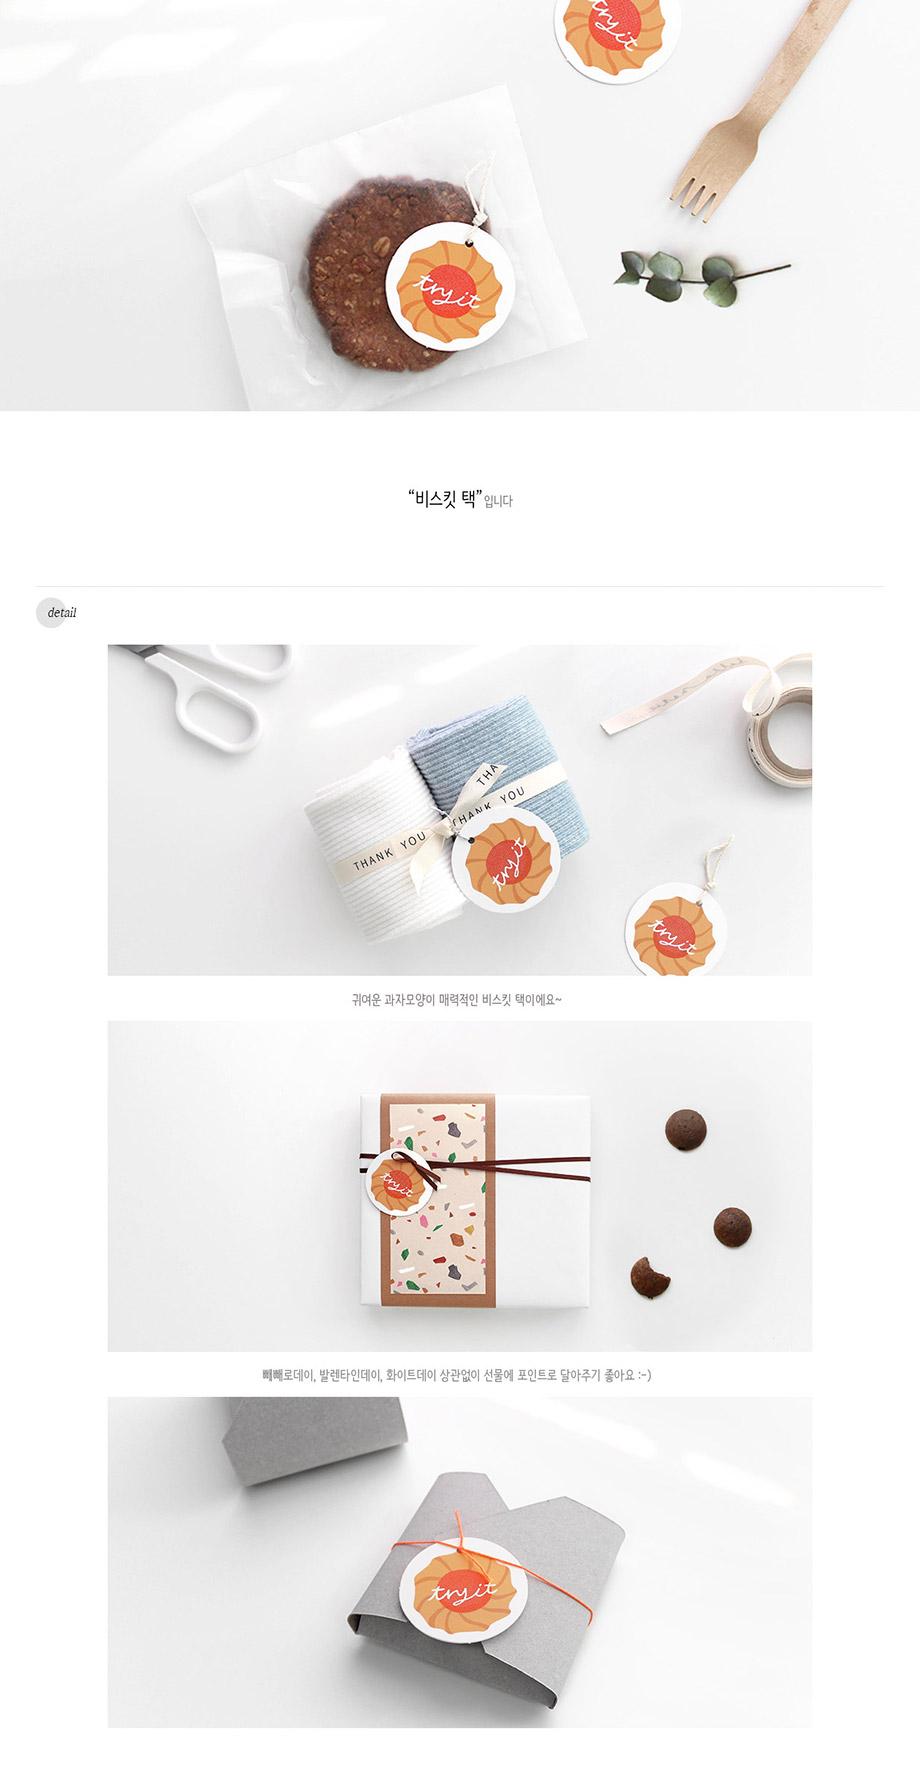 비스킷 택(10개) - 헬로우모리스, 1,100원, 리본/포장소품, 타이/택